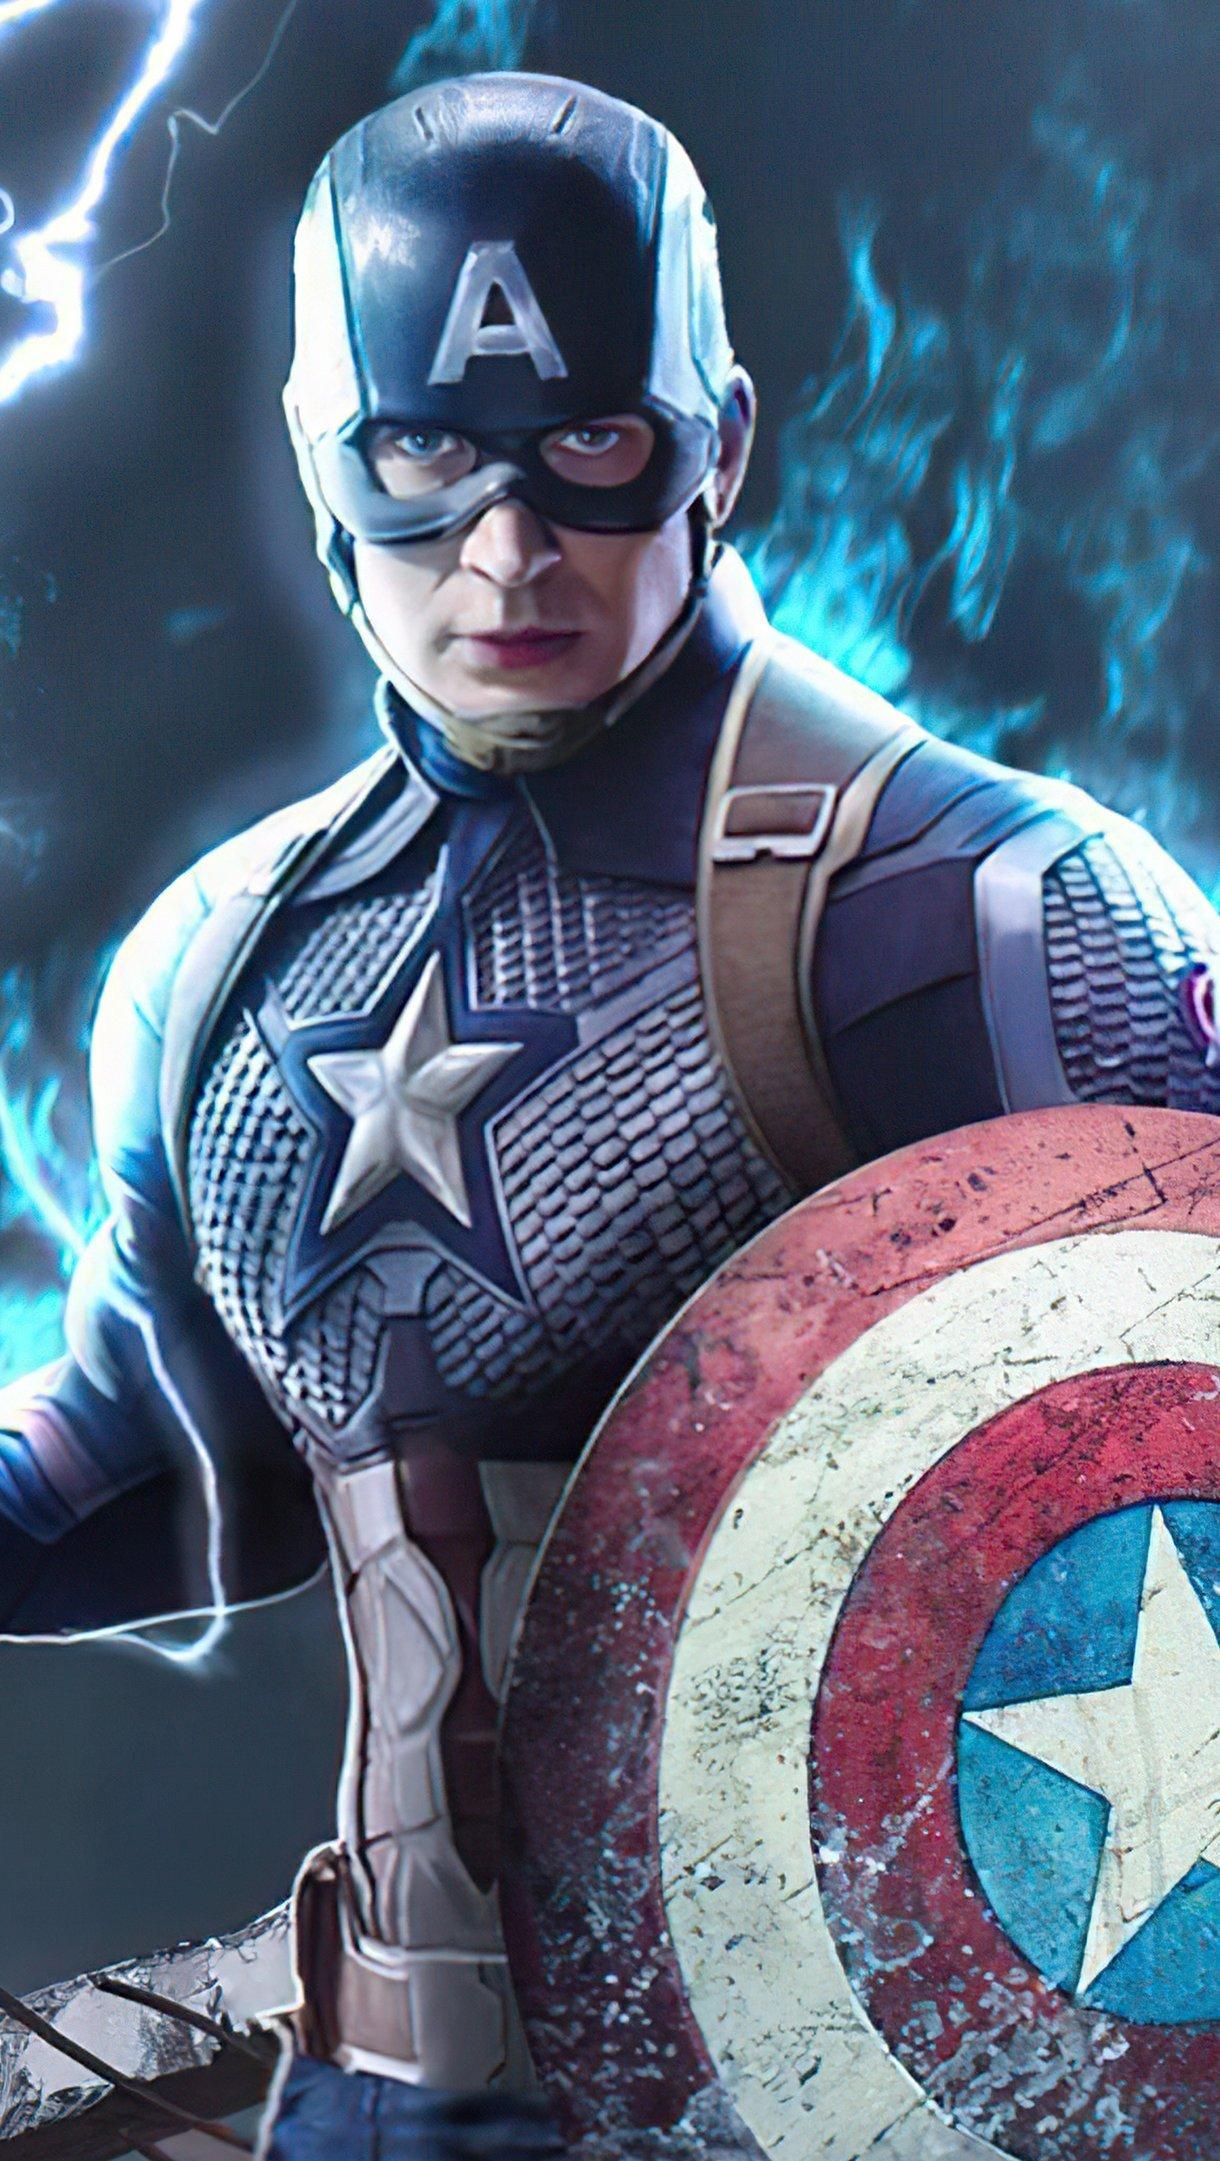 Fondos de pantalla Capitan America con escudo roto Vertical